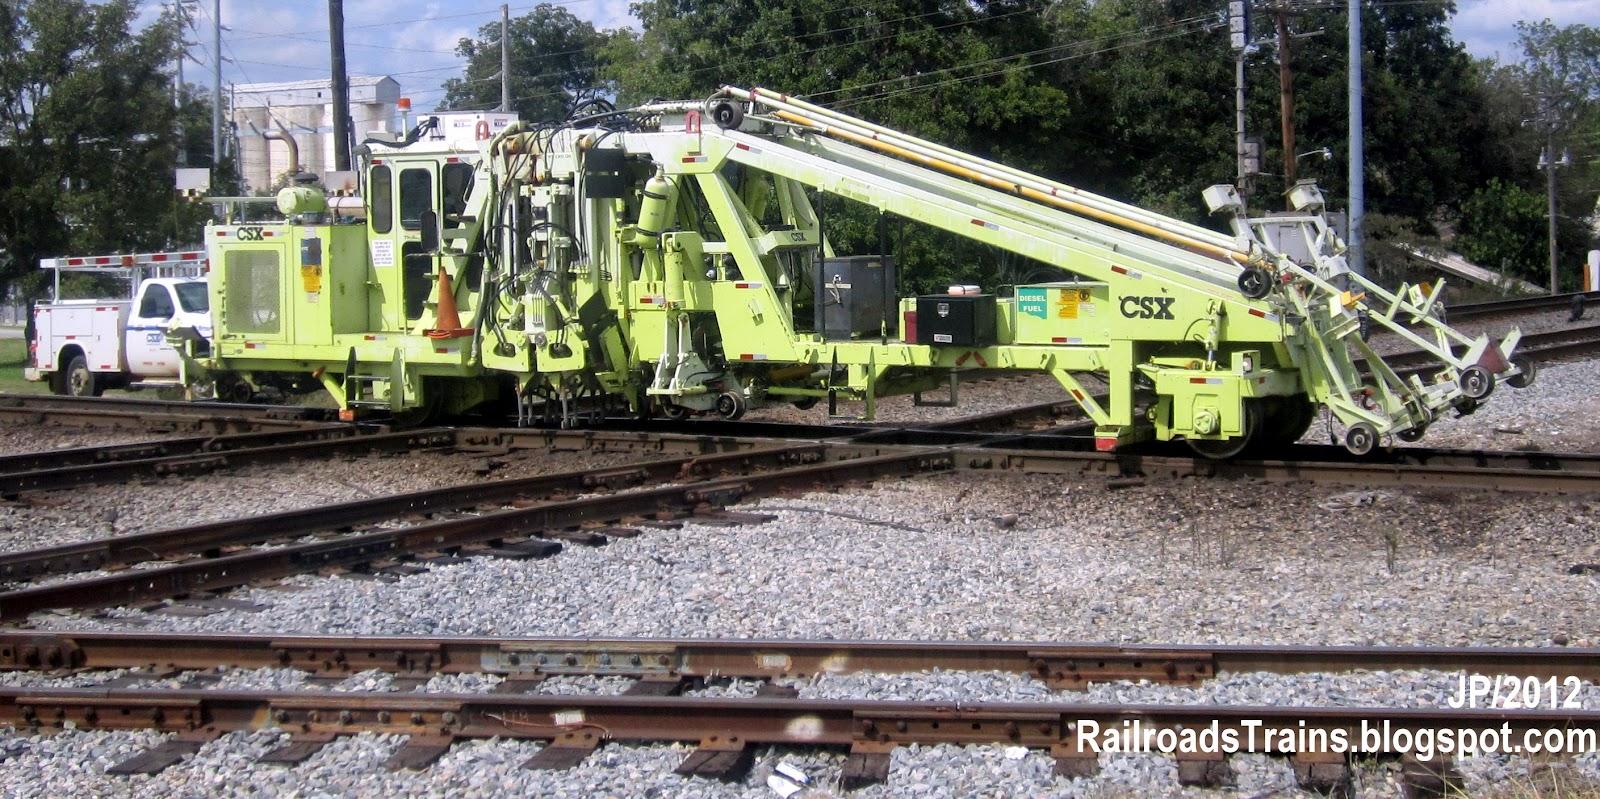 RAILROAD Freight Train Locomotive Engine EMD GE Boxcar BNSF,CSX,FEC